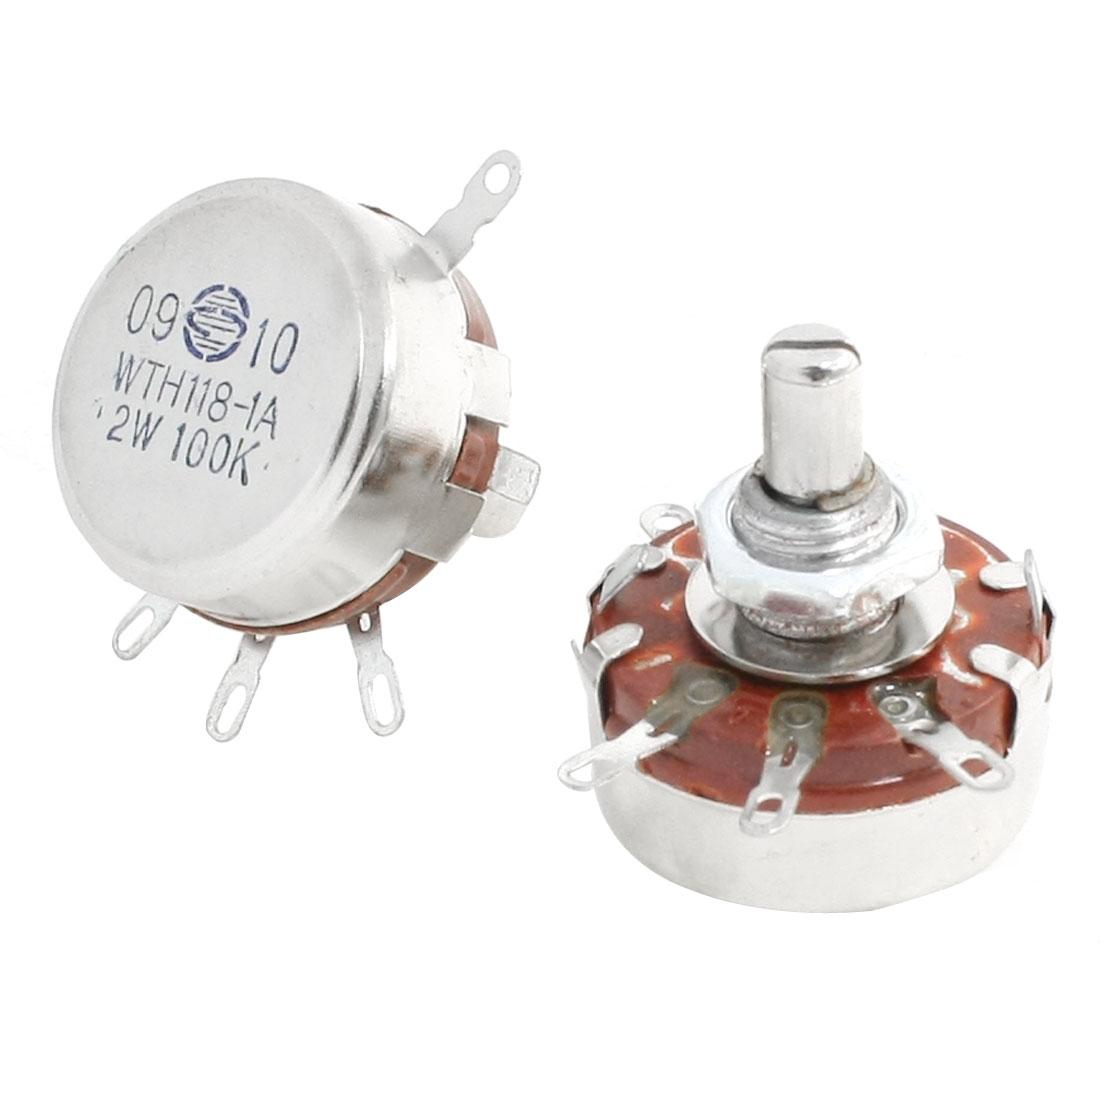 100K Ohm 2W Linear Pot Single Turn Taper Carbon Potentiometer 2 Pcs